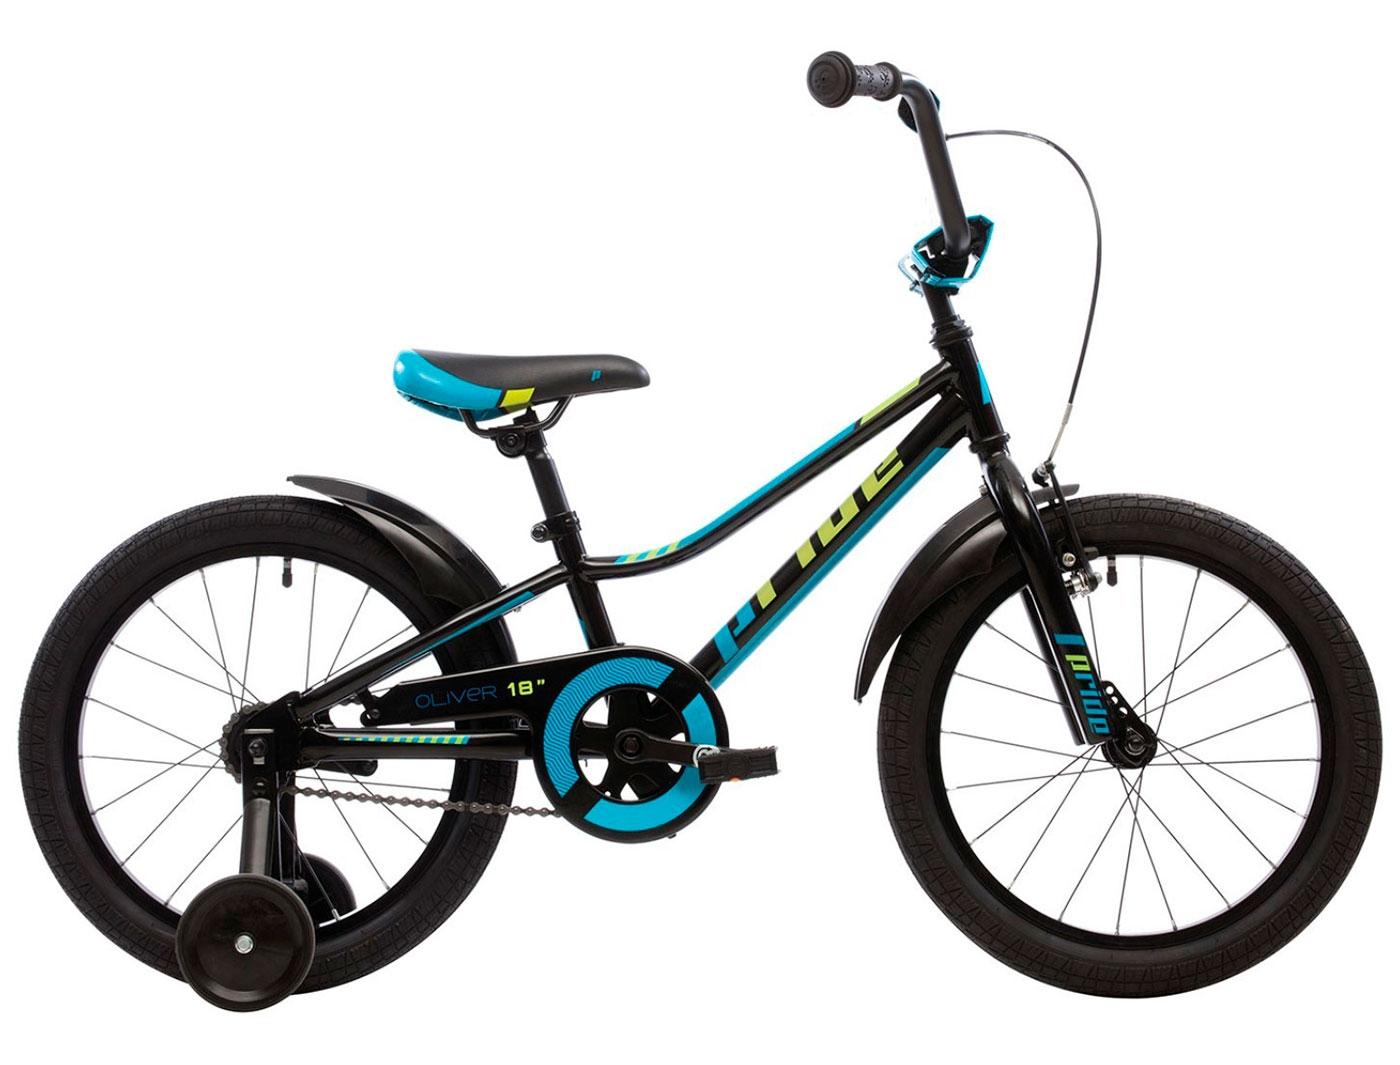 Велосипед 18 Pride OLIVER (Черный) (2018)